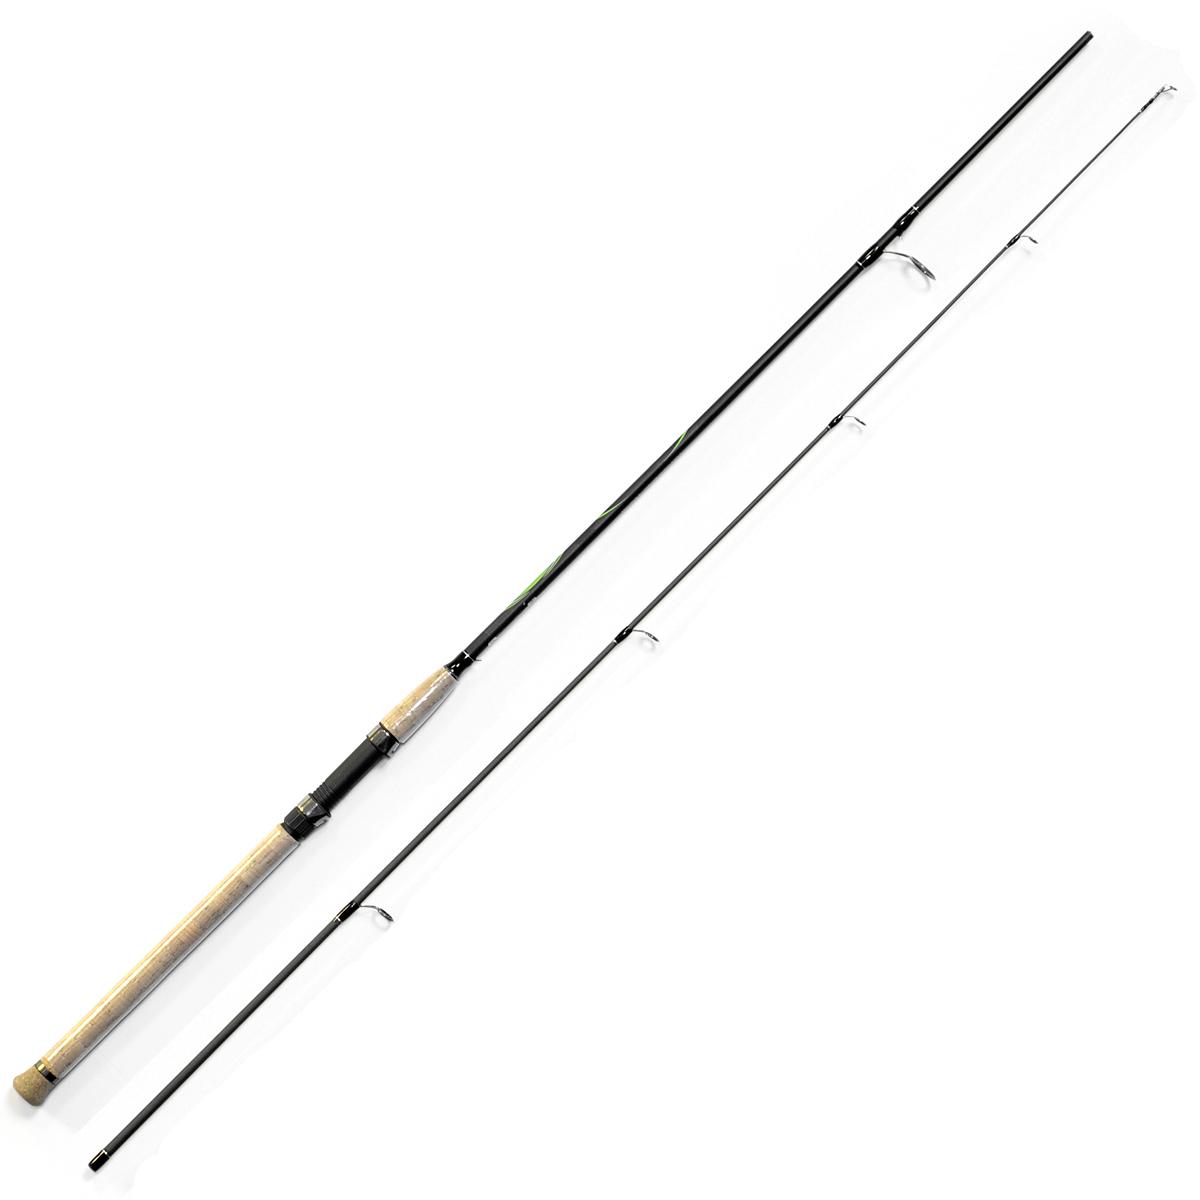 Спиннинг Salmo Sniper SPIN 20 2.40, длина 2,4м, 5-20г2134-240Универсальный спиннинг средне-быстрого строя для ловли на различные приманки, изготовленный из композита. Бланк спиннинга укомплектован облегченными кольцами, на высоких ножках со вставками SIC и элегантной рукояткой с пробковым покрытием и облегченным буфером на торце. Соединение колен спиннинга по типу OVER STEEK. Все спиннинги имеют один тест: 5–20 г. - Материал бланка удилища - композит - Строй бланка средне-быстрый - Класс спиннинга ML - Конструкция штекерная - Соединение колен типа OVER STEEK - Кольца пропускные: – облегченные большое – со вставками SIC – с расстановкой по классической концепции - Рукоятка: – пробковая - Катушкодержатель: – винтового типа - Проволочная петля для закрепления приманок